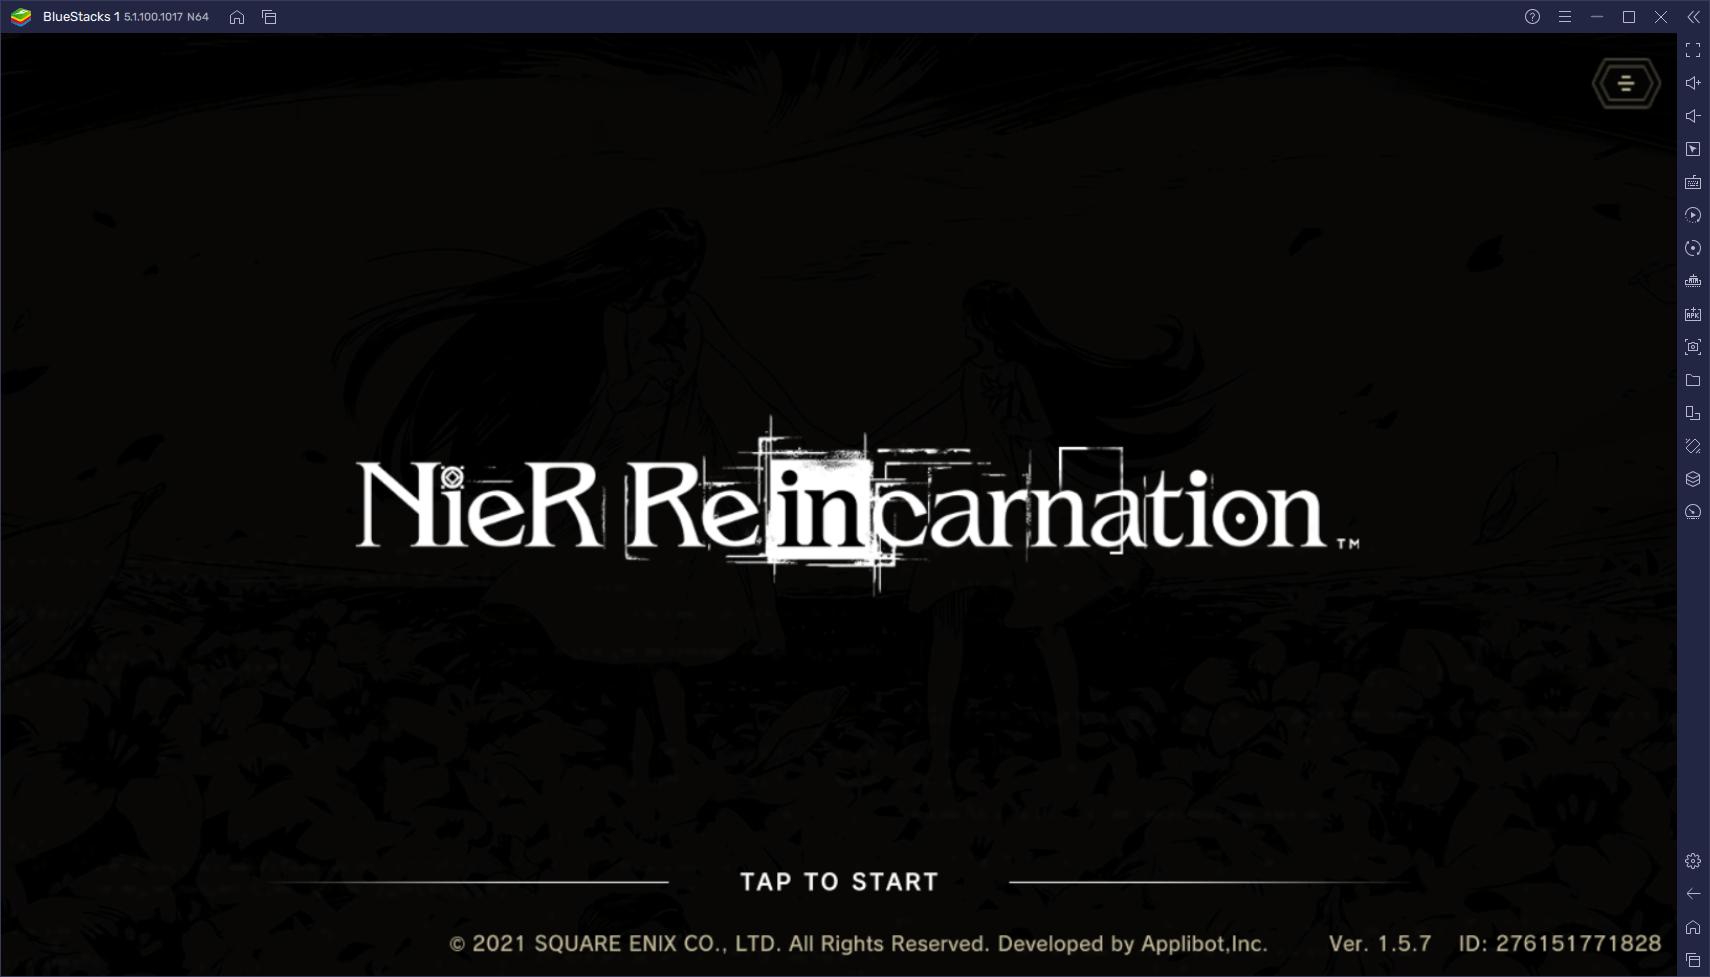 Le Guide du Reroll dans NieR Reincarnation – Comment Obtenir les Meilleurs Personnages dès le Début du Jeu